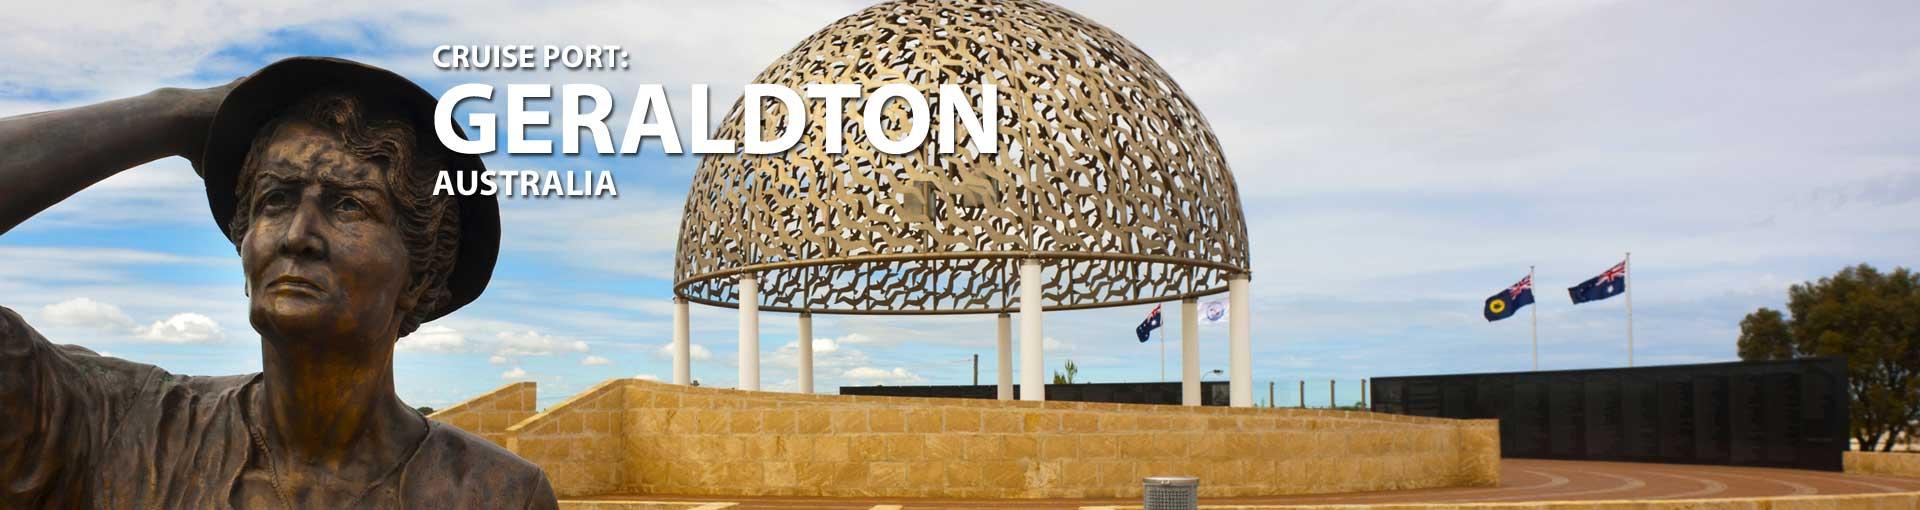 Cruises to Geraldton Australia